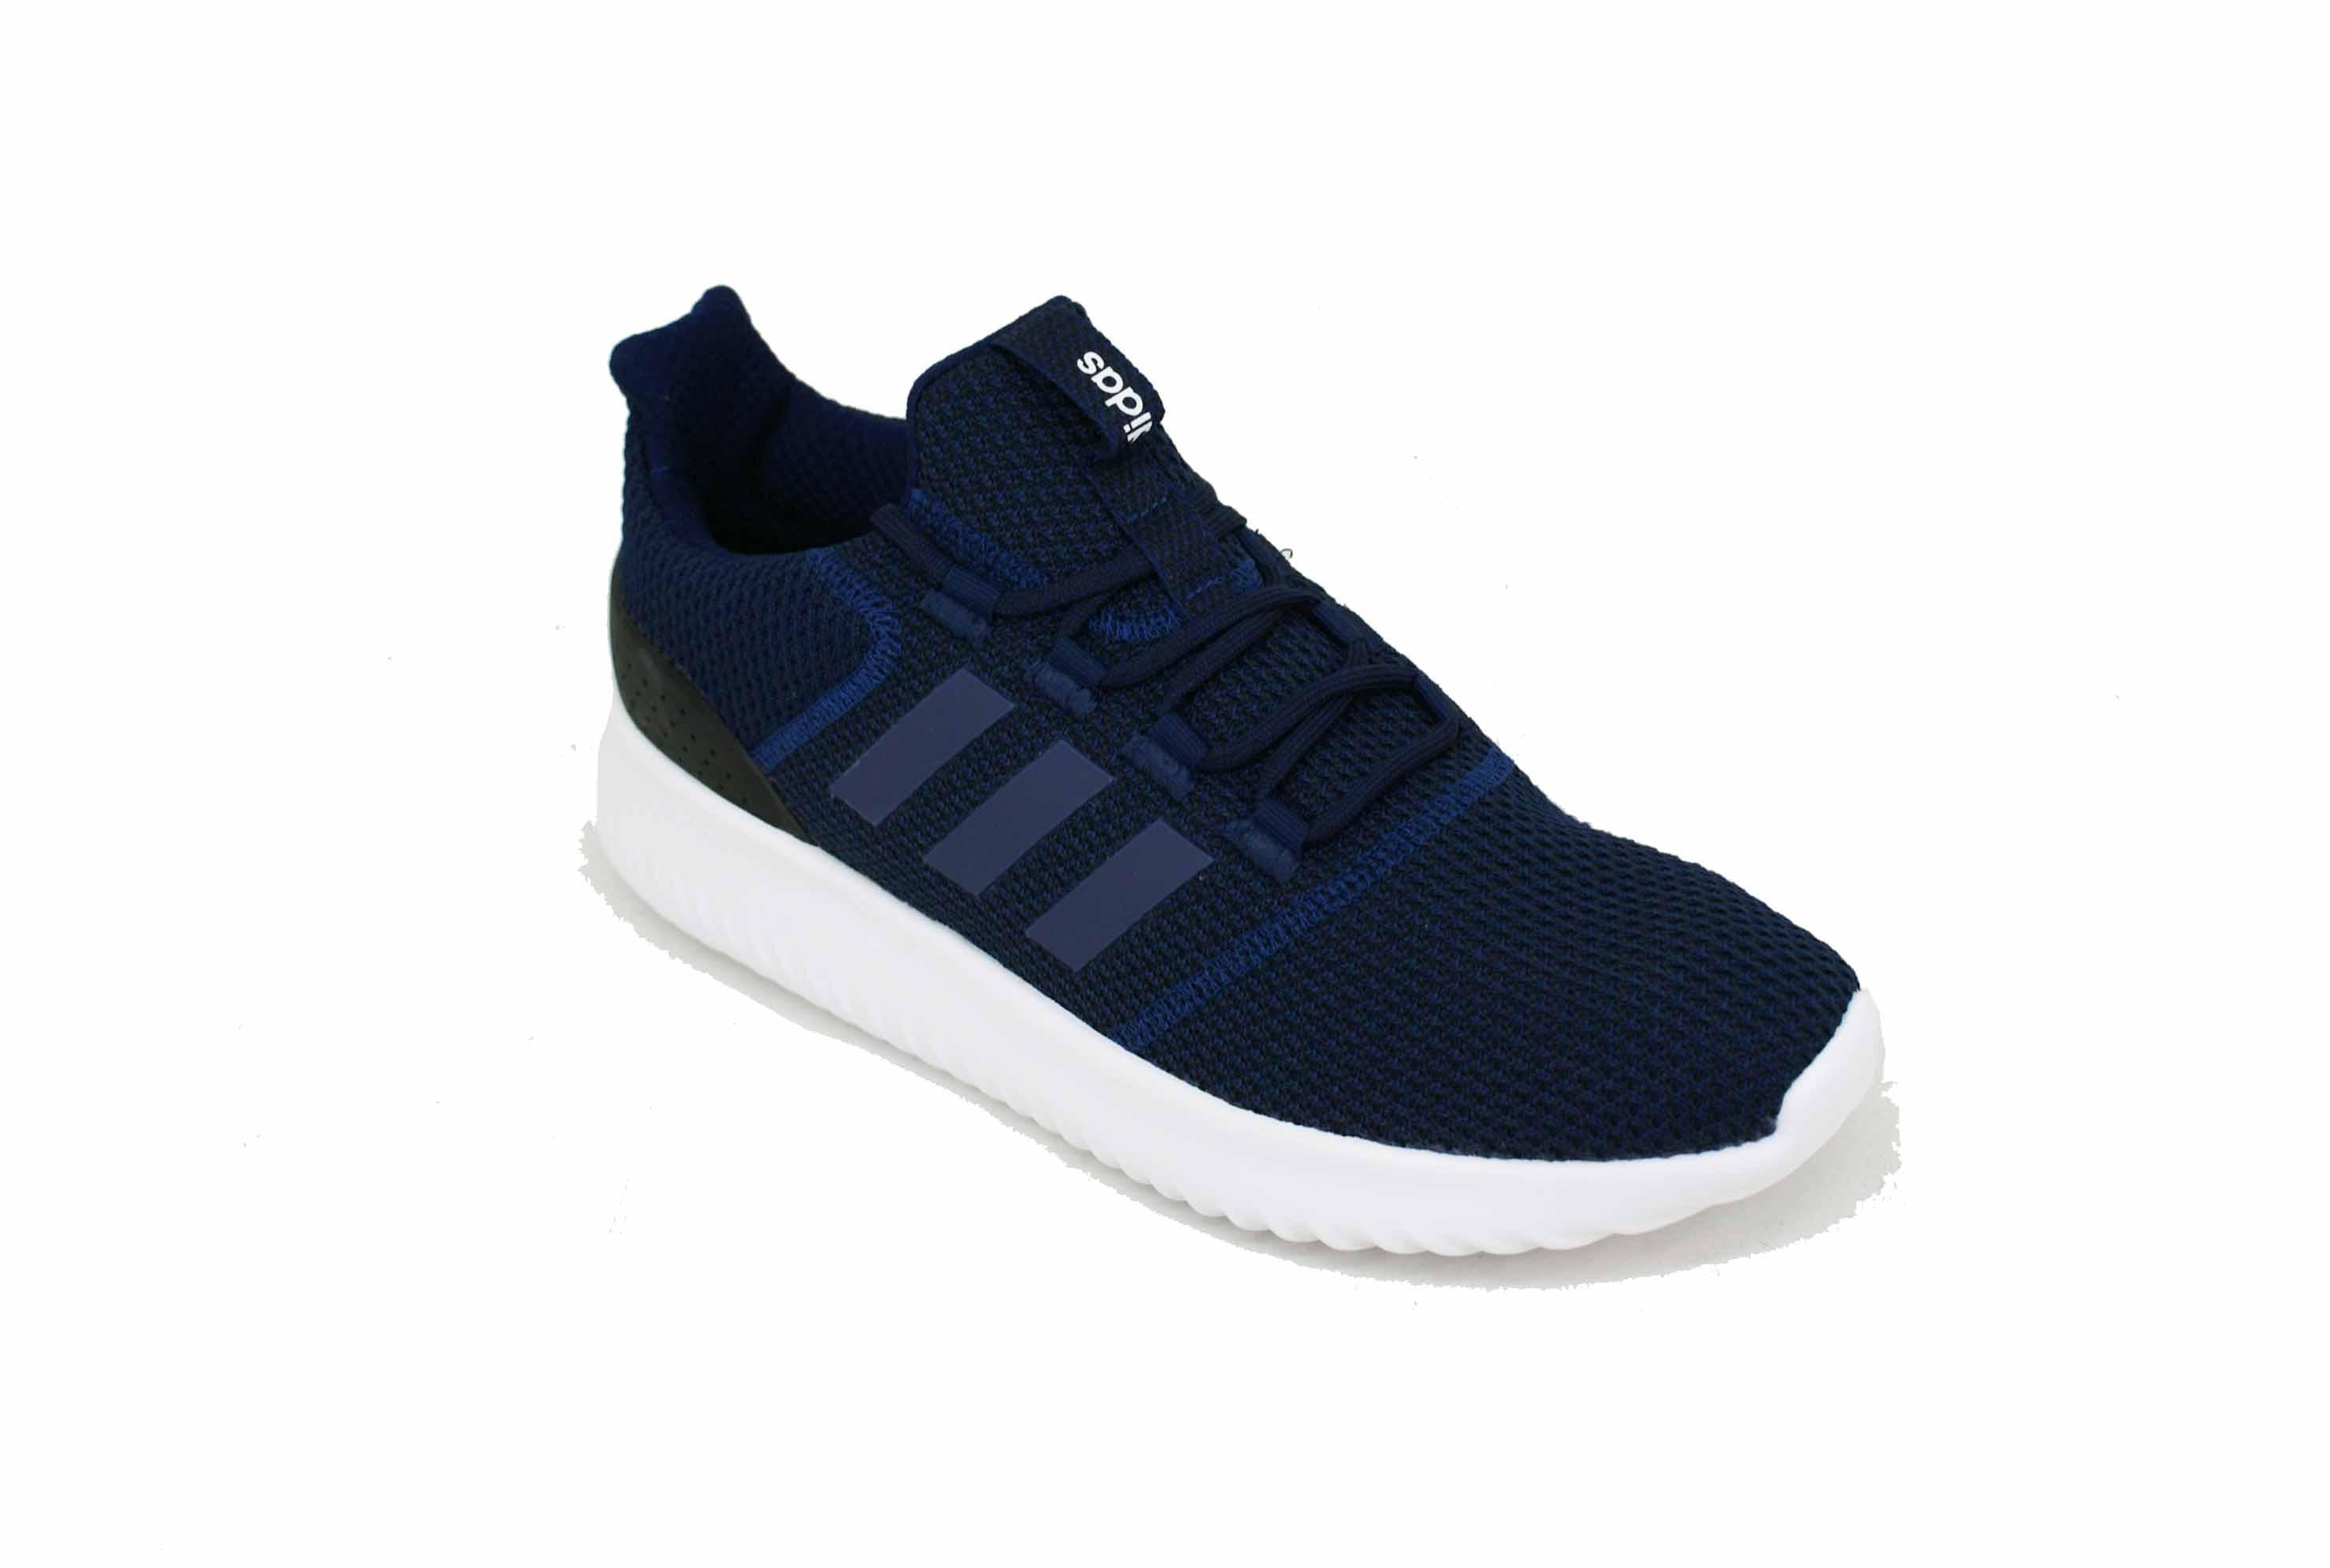 Zapatilla Adidas Cloudfoam Ultimate Azul/Blanco Hombre Deporfan